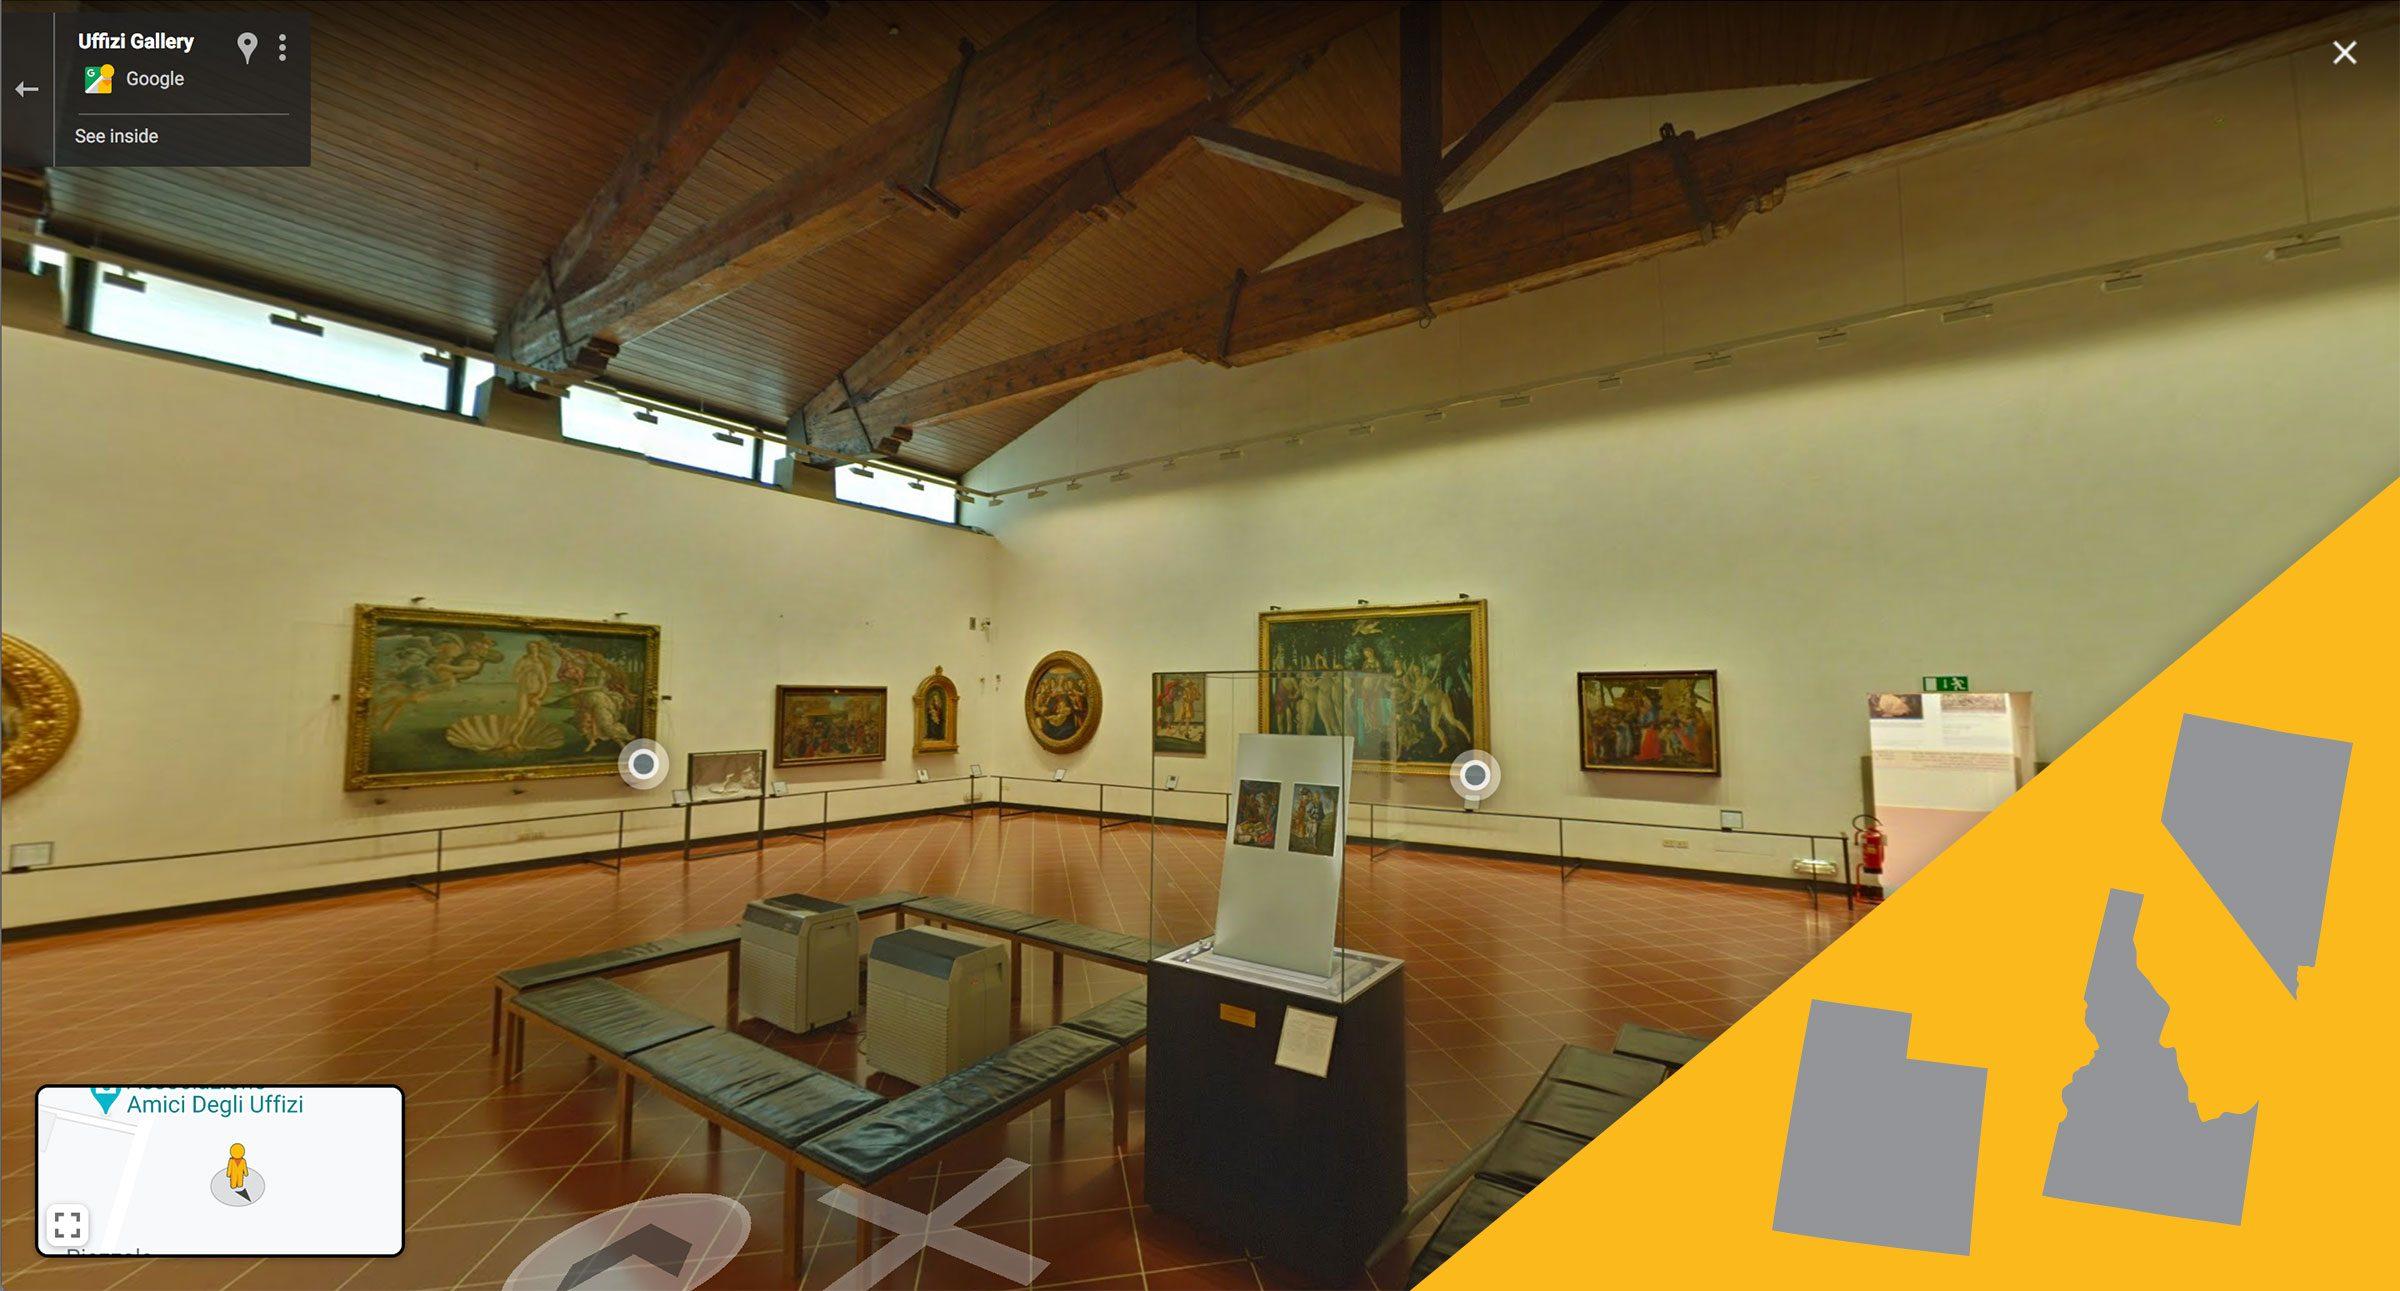 Uffizi Gallery virtual tour